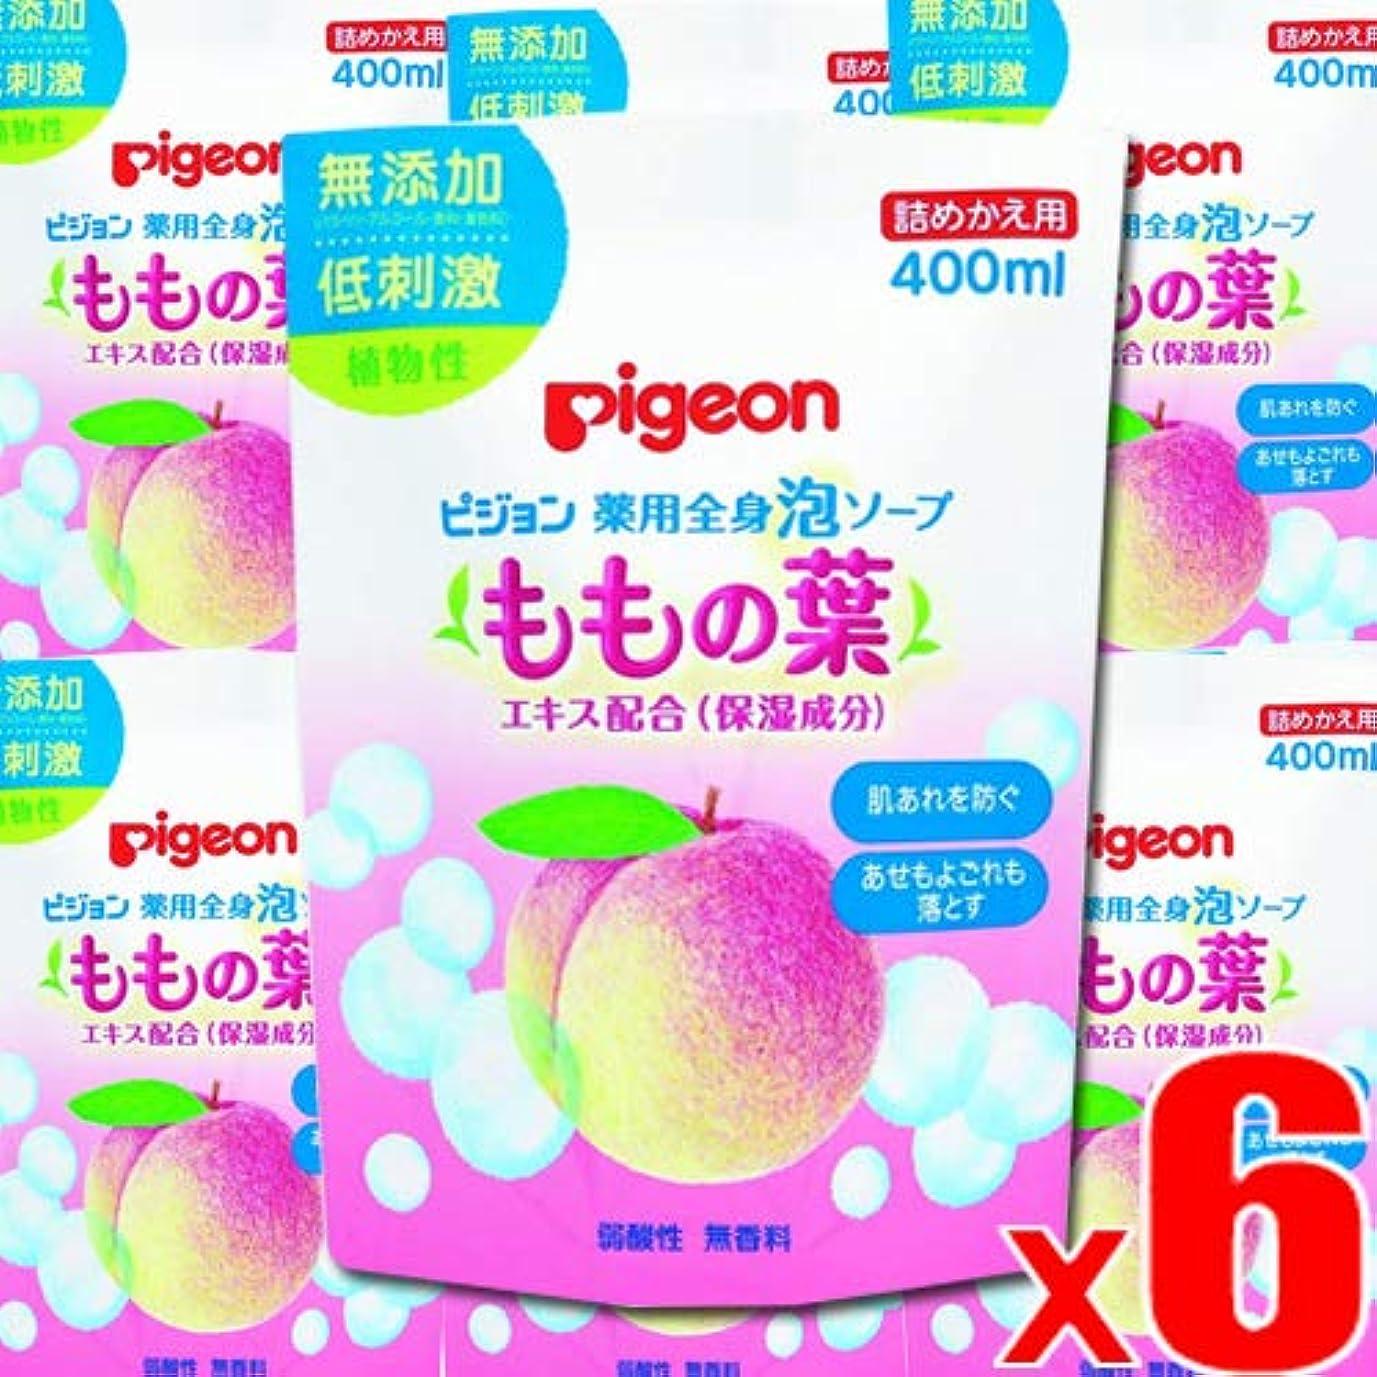 針分数包囲【6個】ピジョン Pigeon 薬用全身泡ソープ 詰替え ももの葉エキス配合(保湿成分) 400ml x6個(4902508084123-6)